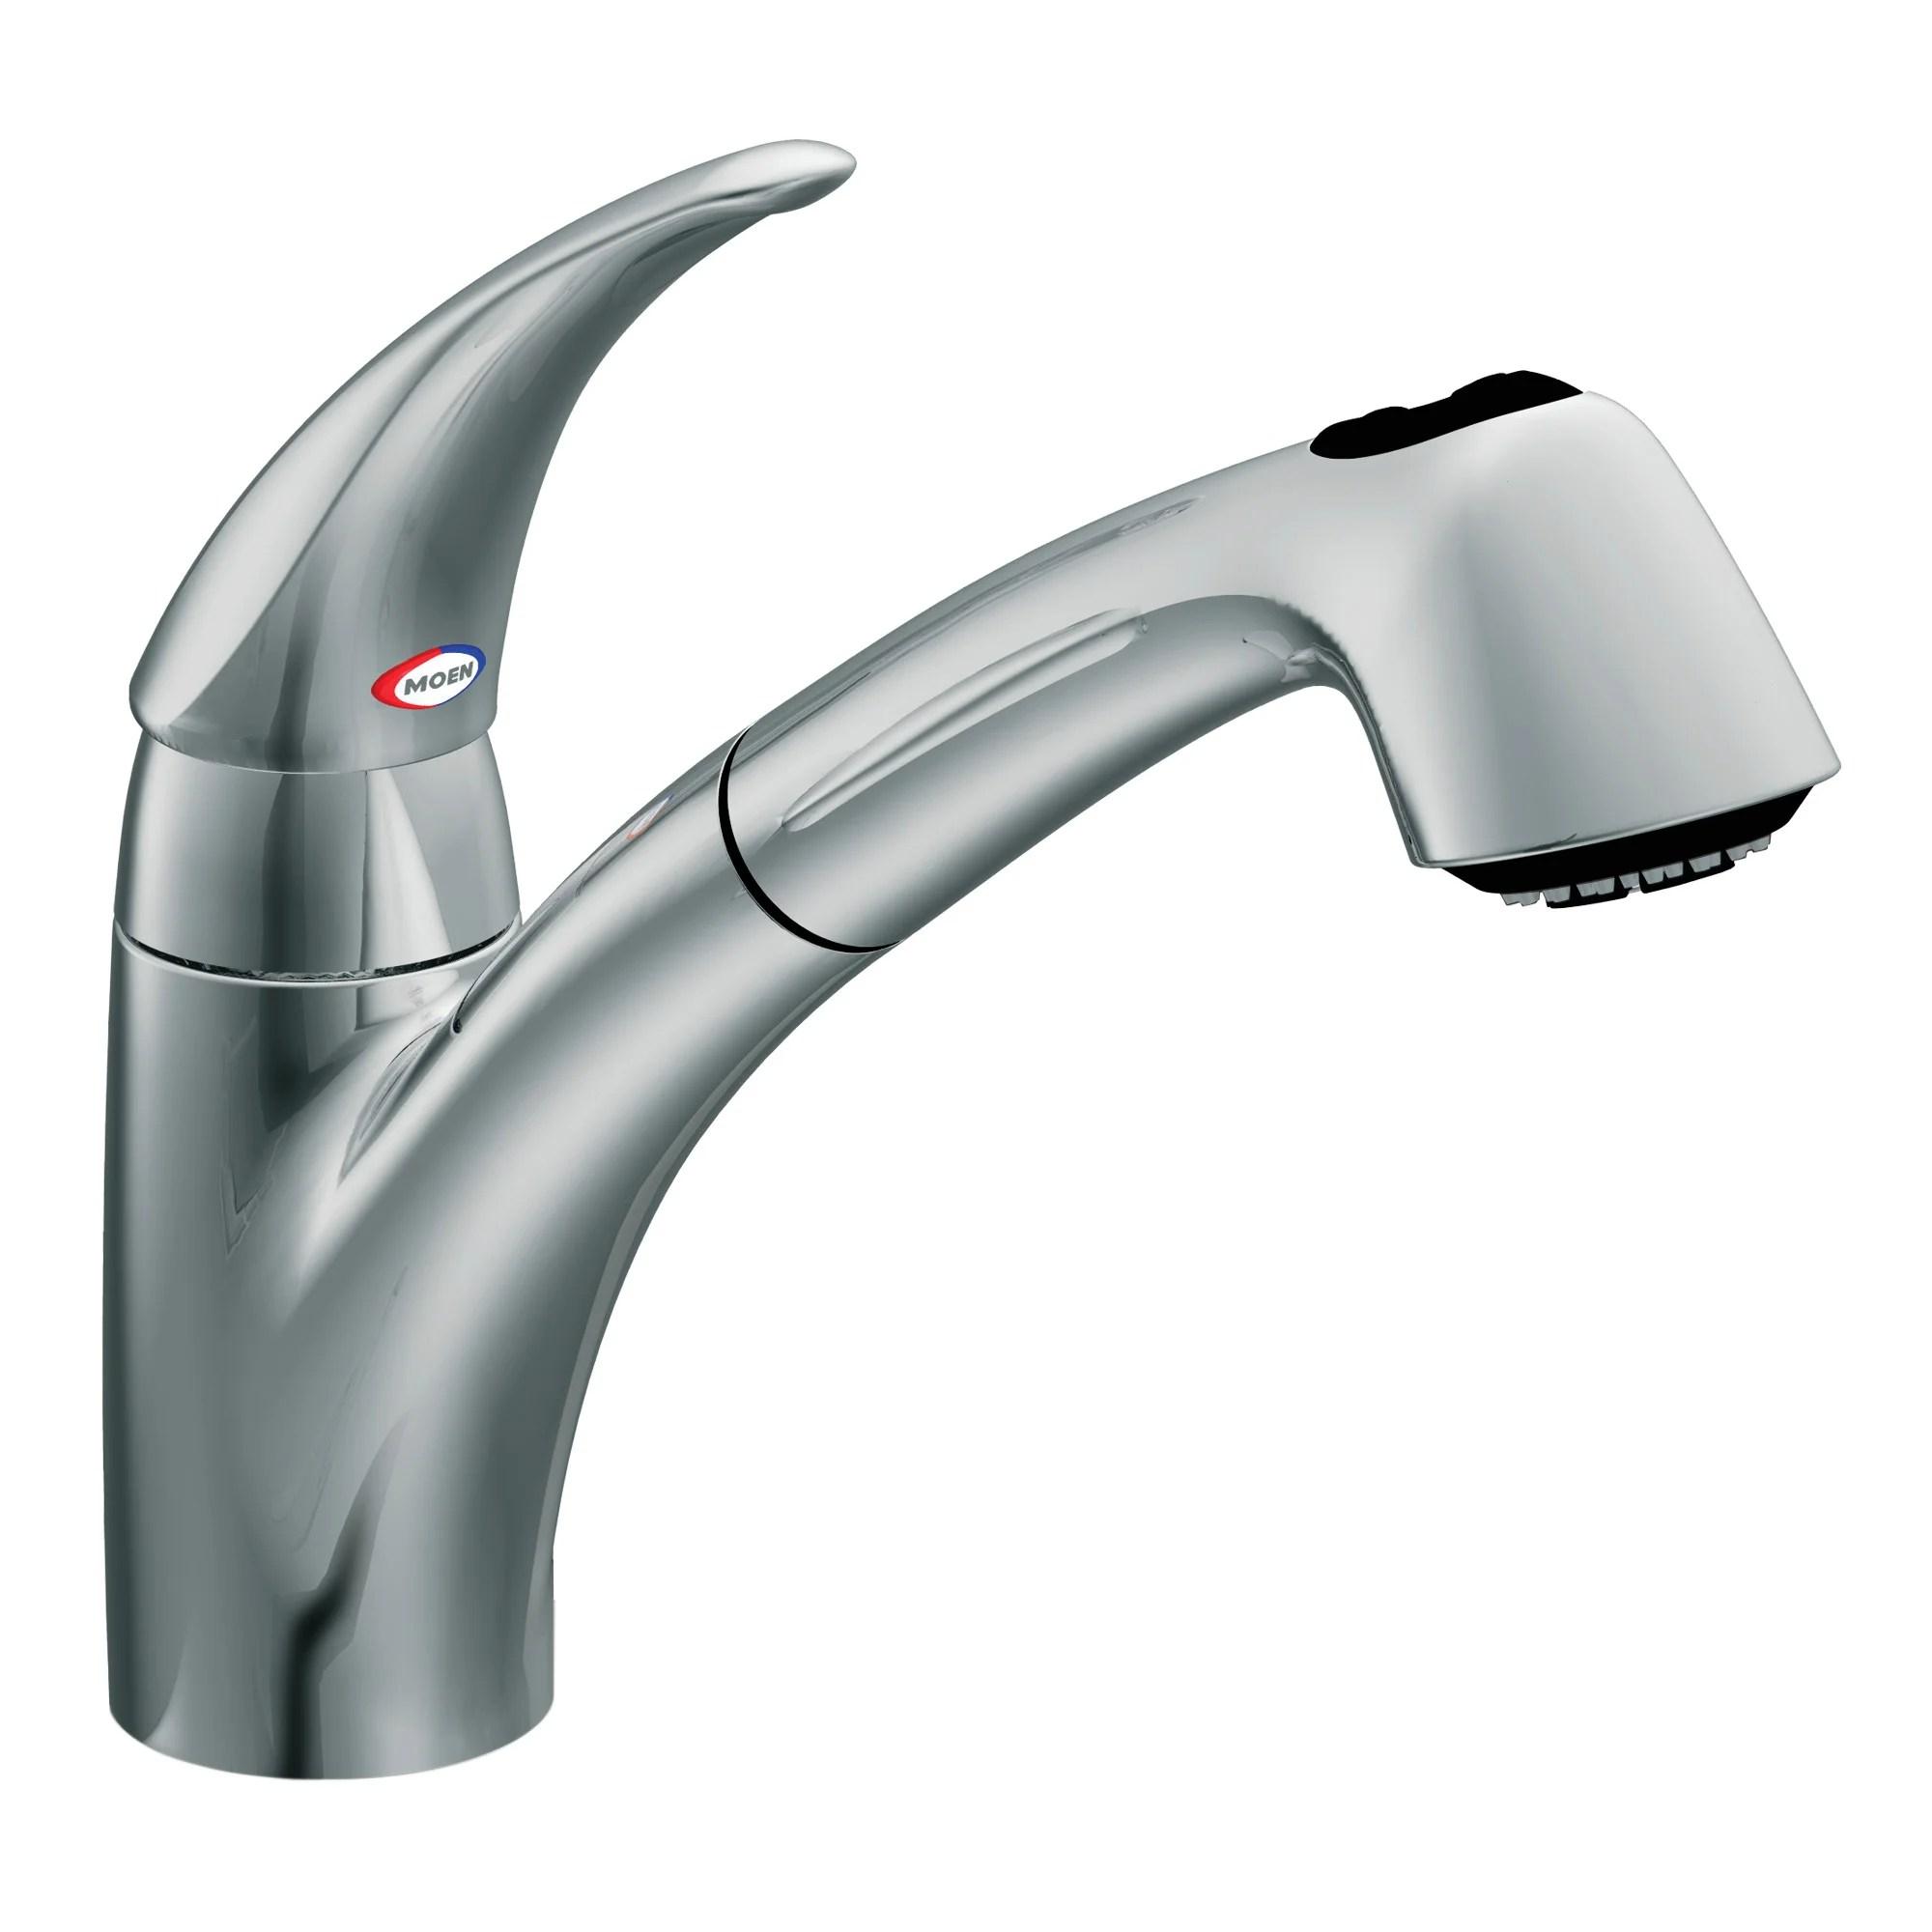 moen kitchen faucet base plate moen kitchen faucet dripping Moen Extensa Single Handle Deck Mount Kitchen Faucet Reviews